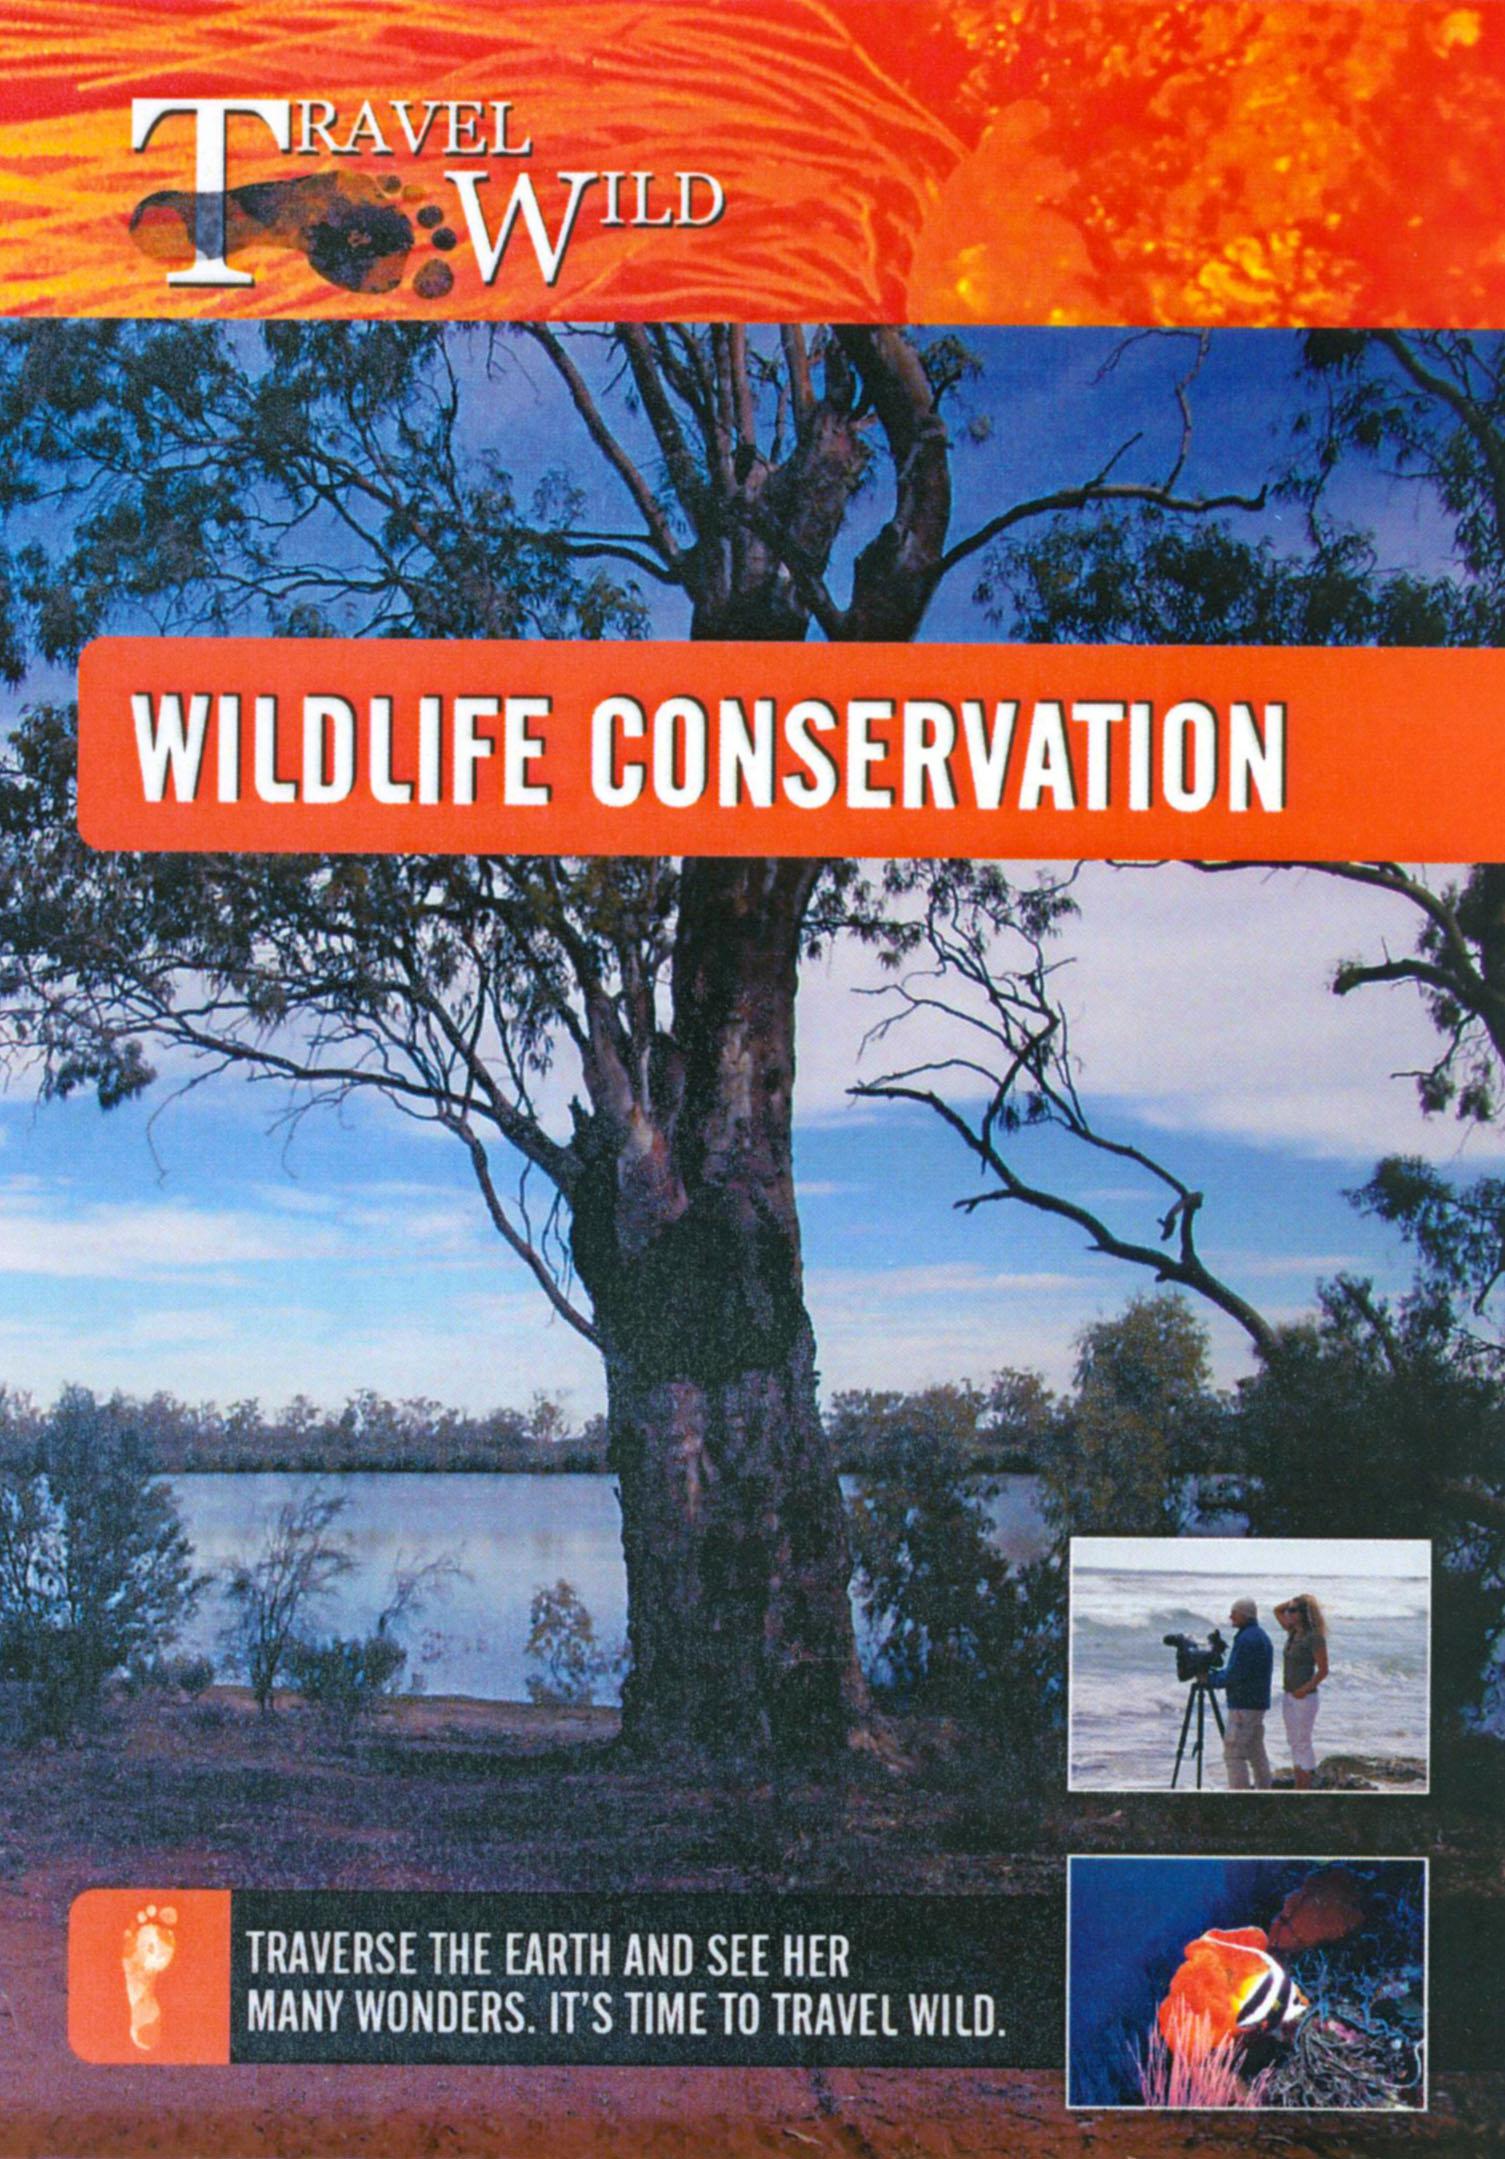 Travel Wild: Wildlife Conservation